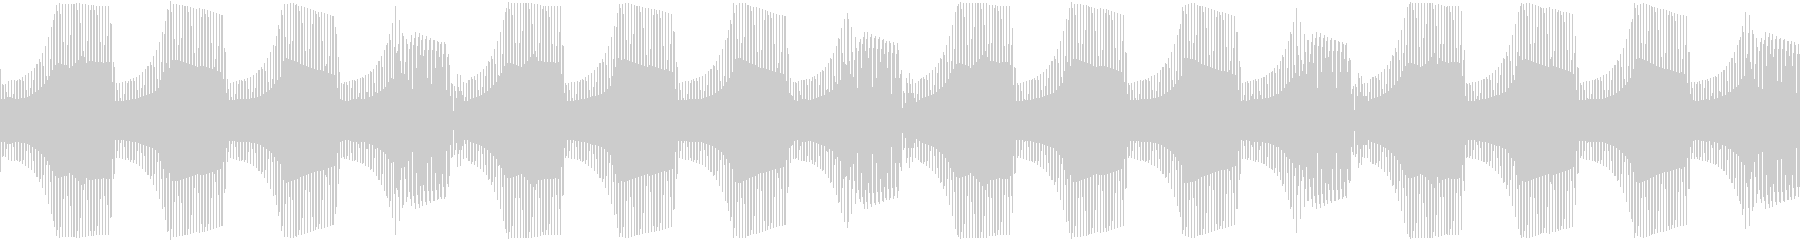 Techno ベース 7 音楽制作用の未再生の波形